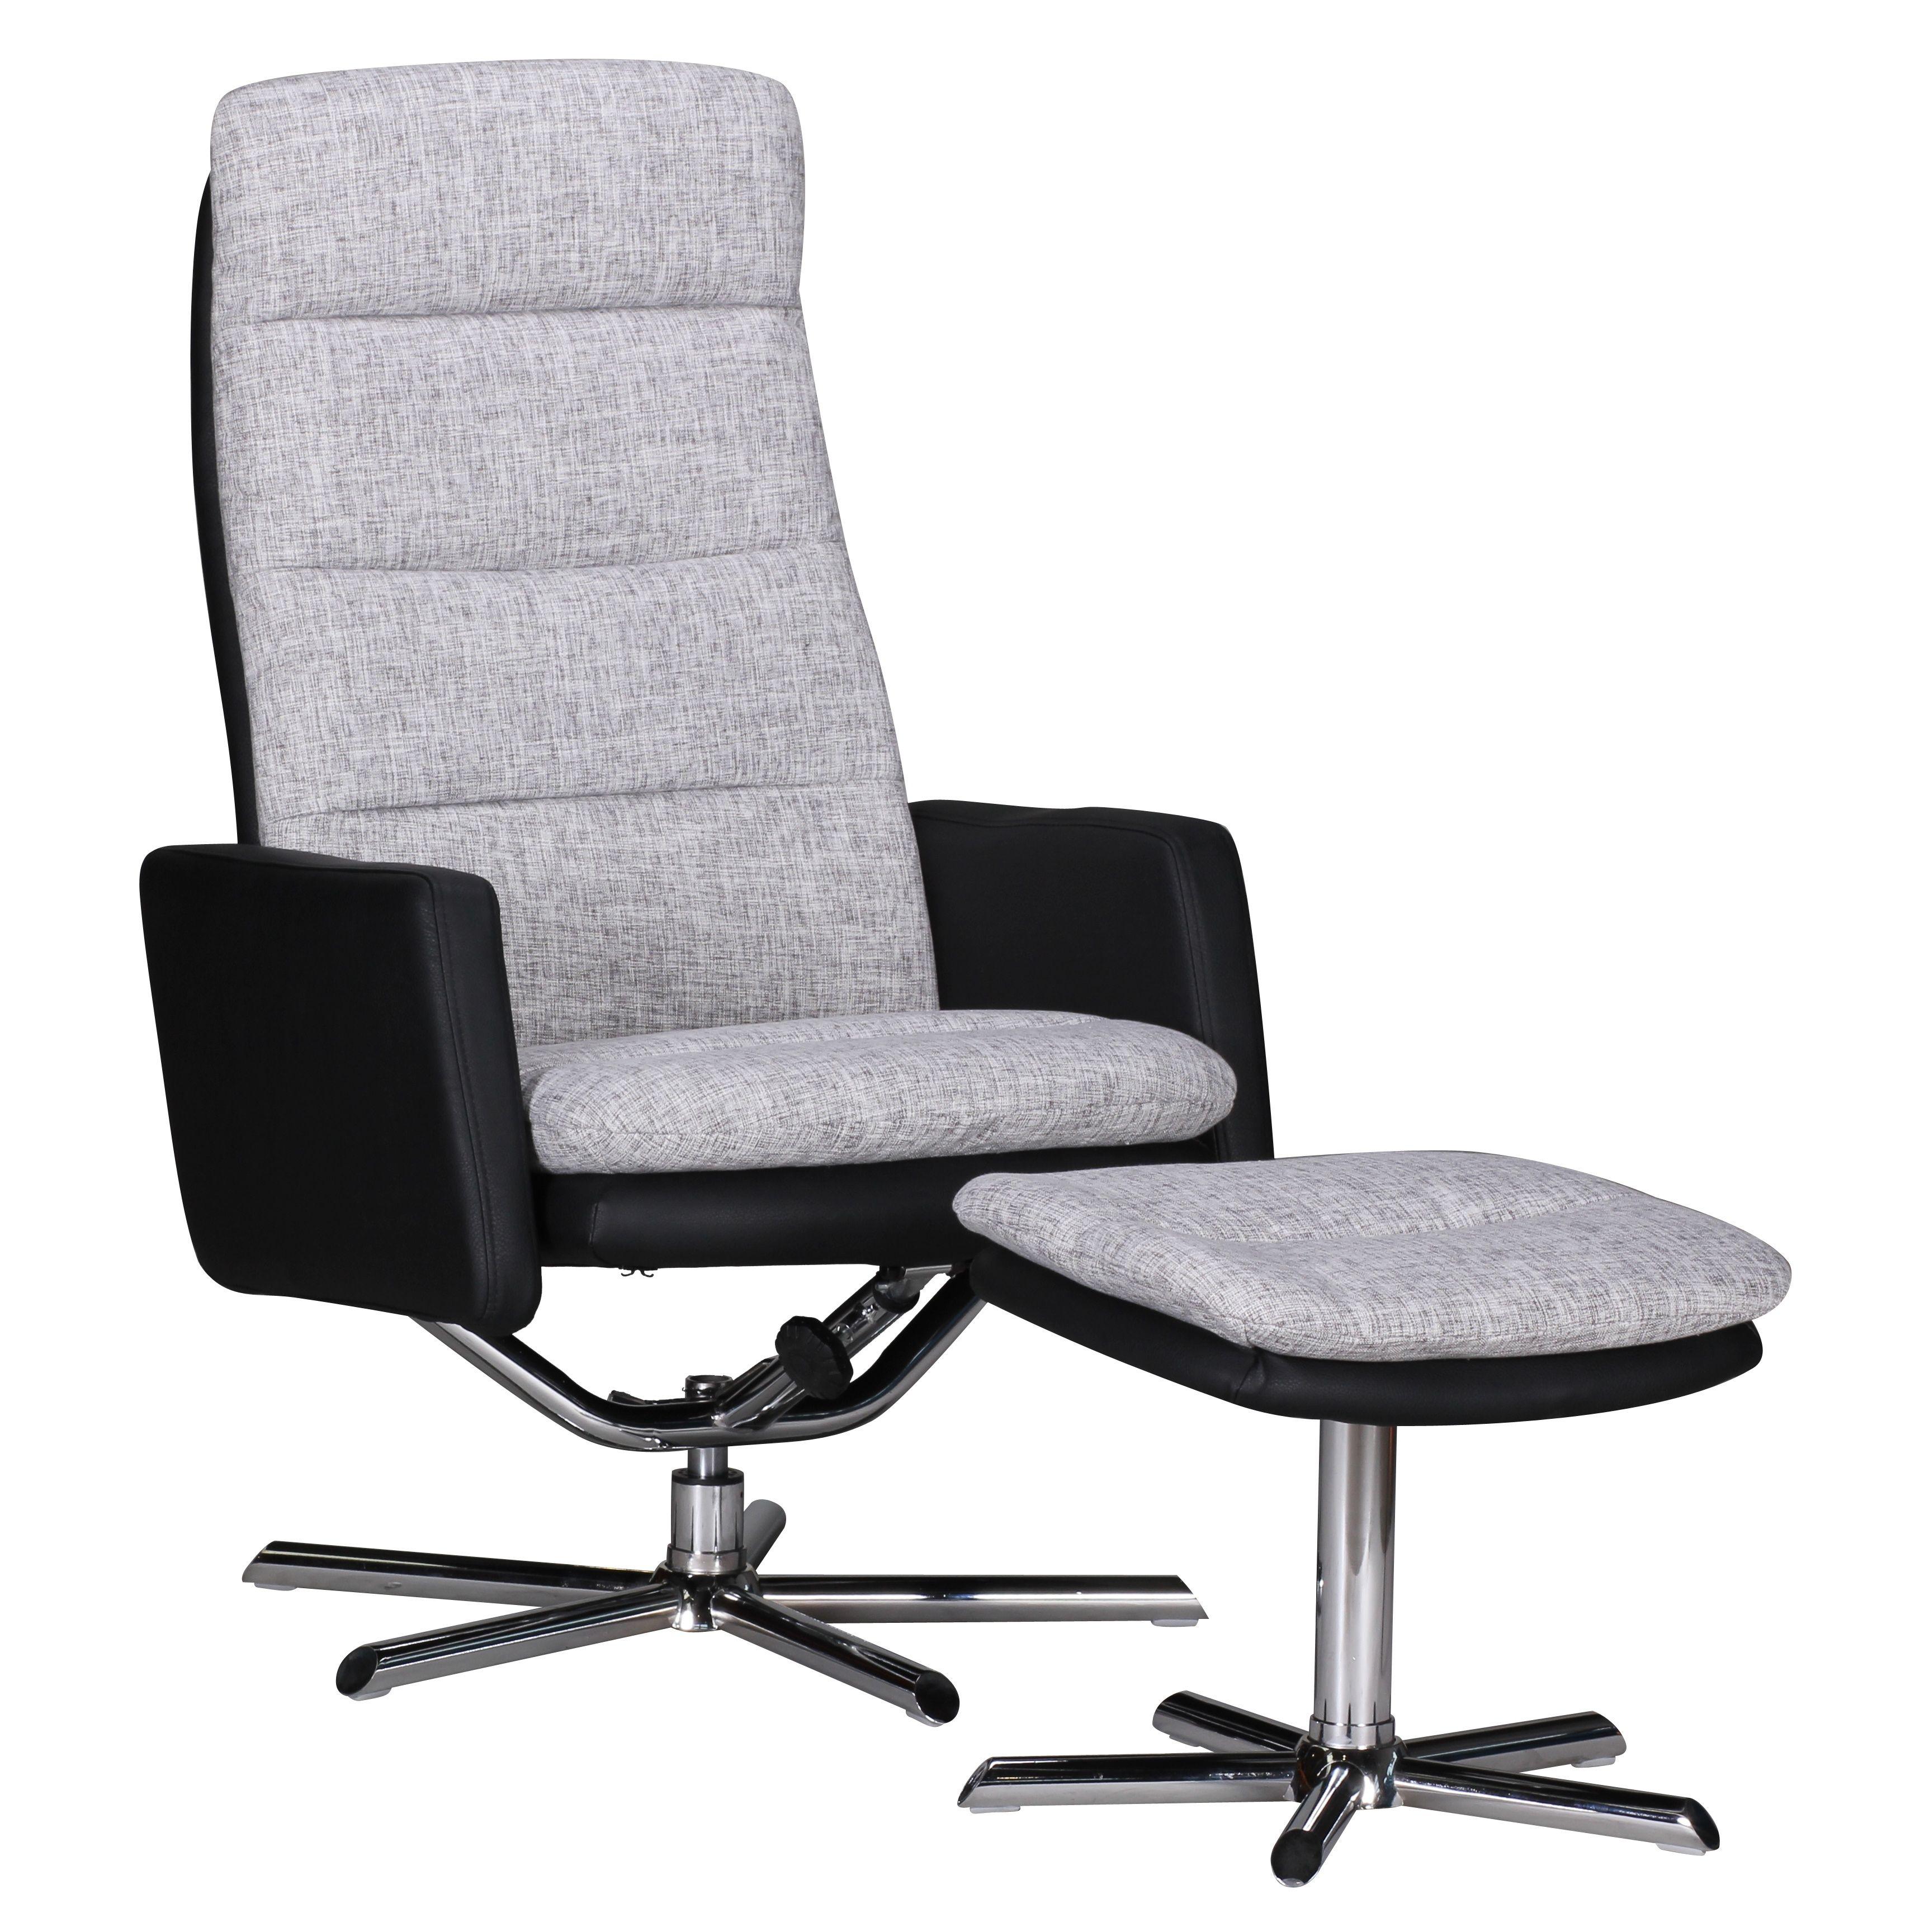 wohnzimmer sessel leder. Black Bedroom Furniture Sets. Home Design Ideas